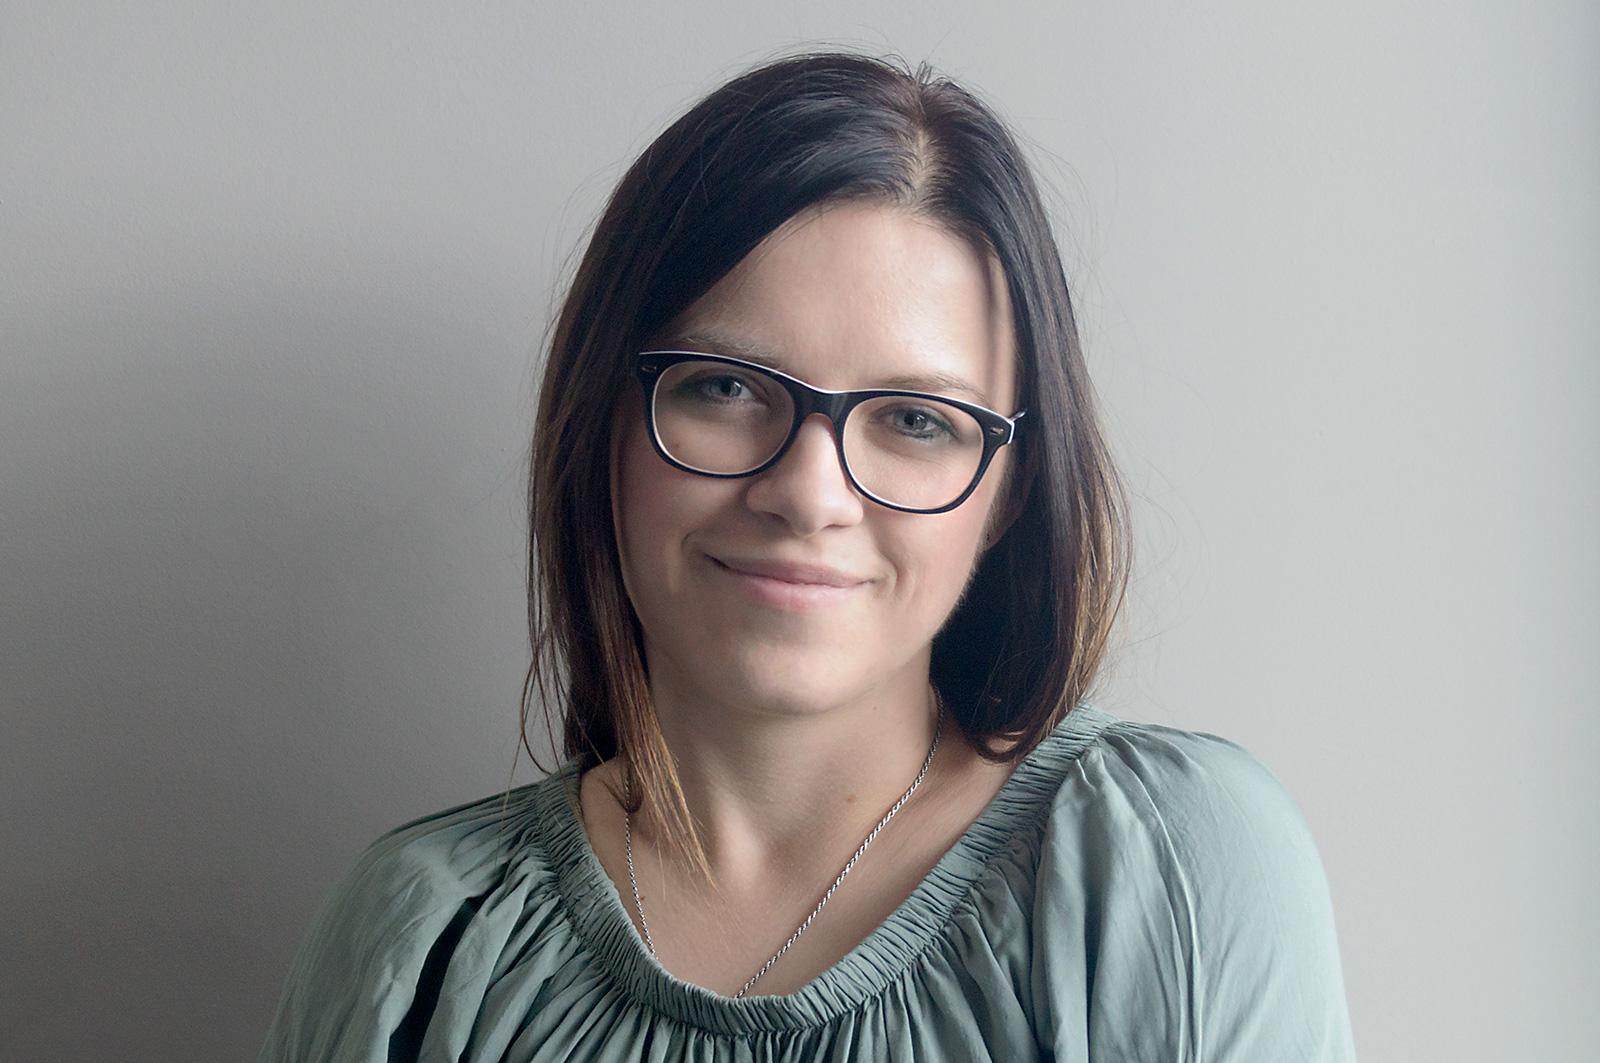 Marta Ostrowska specjalistką ds. PR w MakoLab